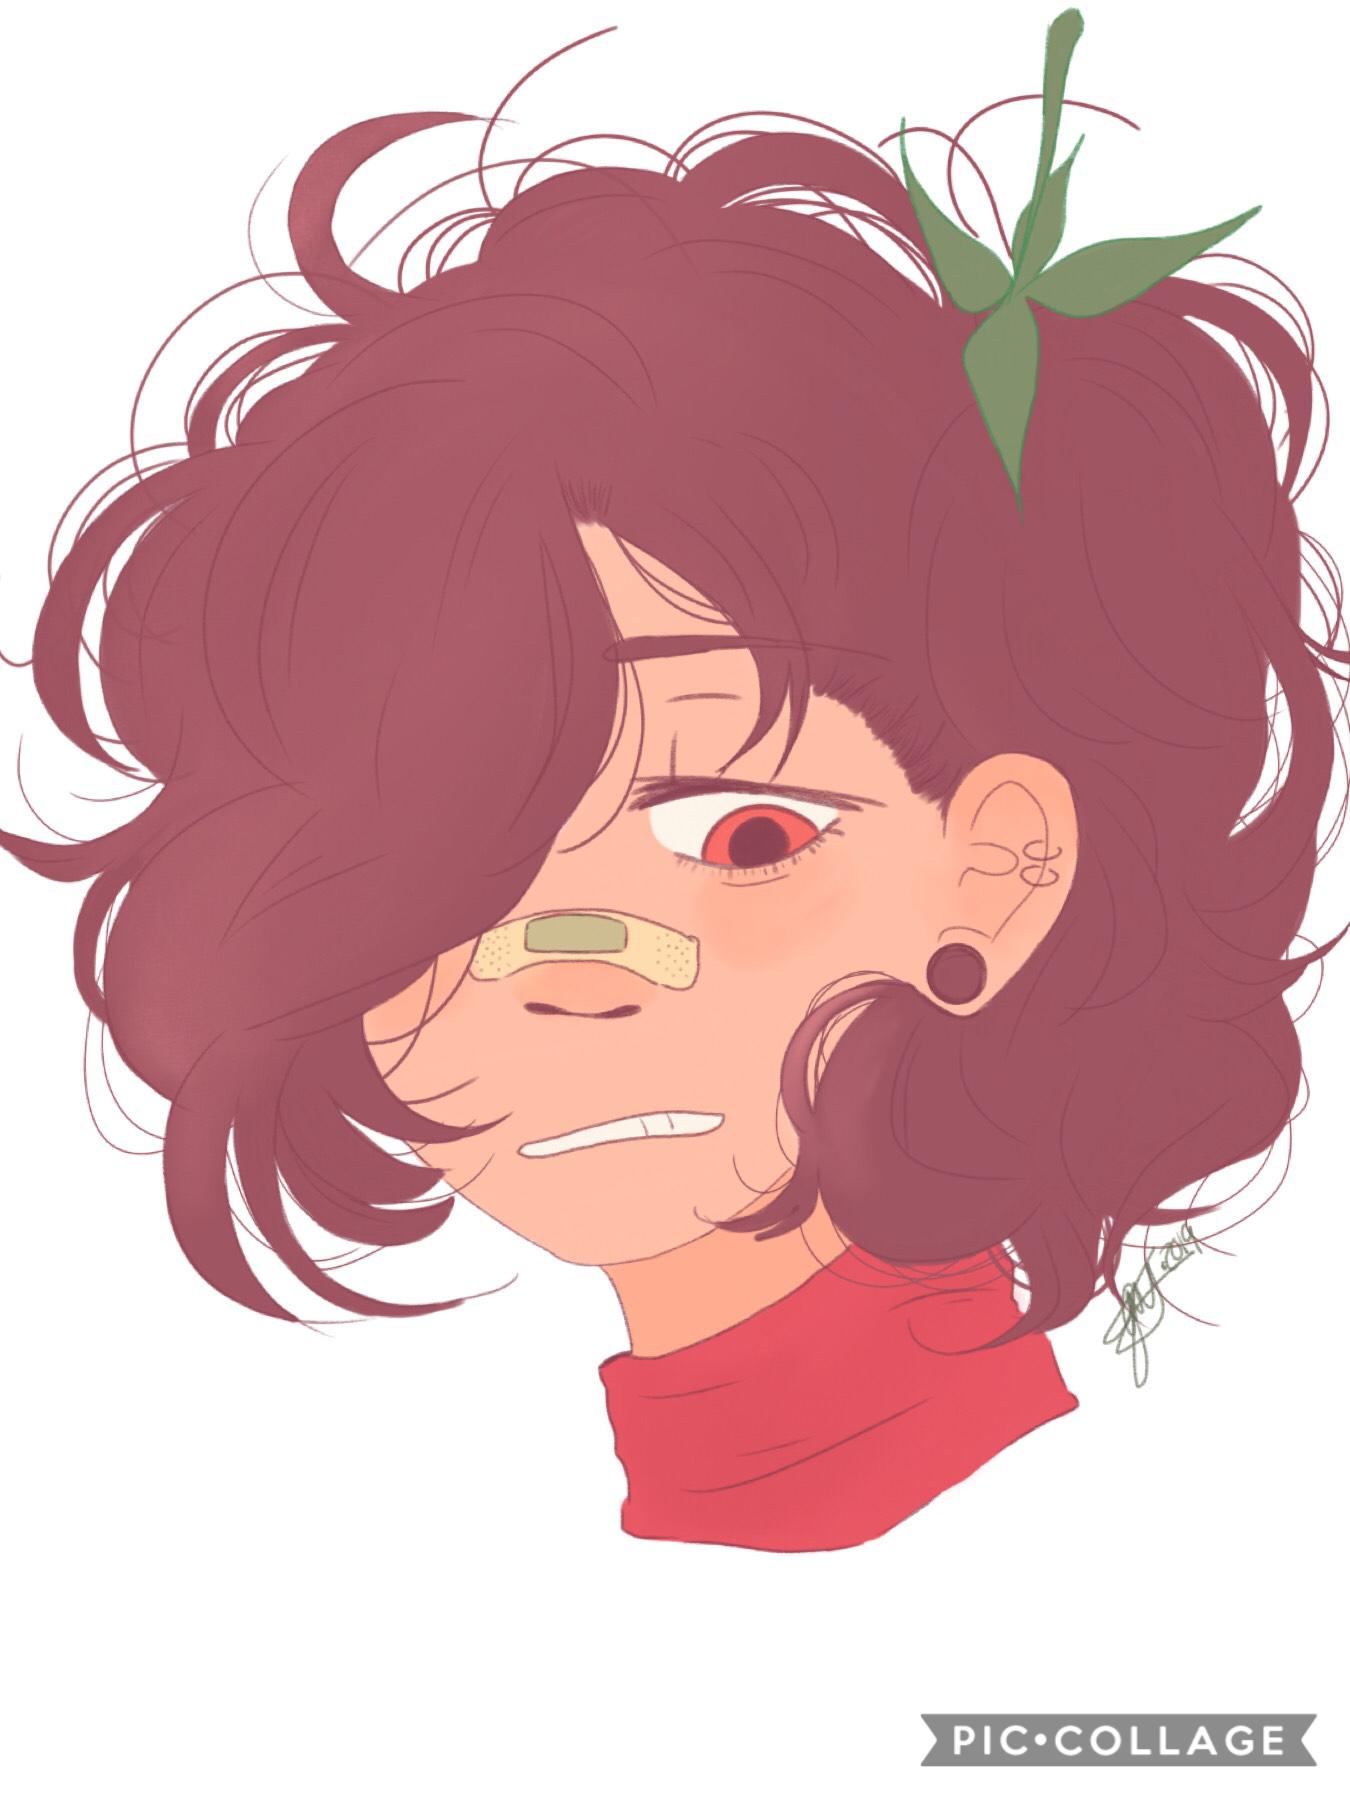 Here's the raging lesbian, Raspberry